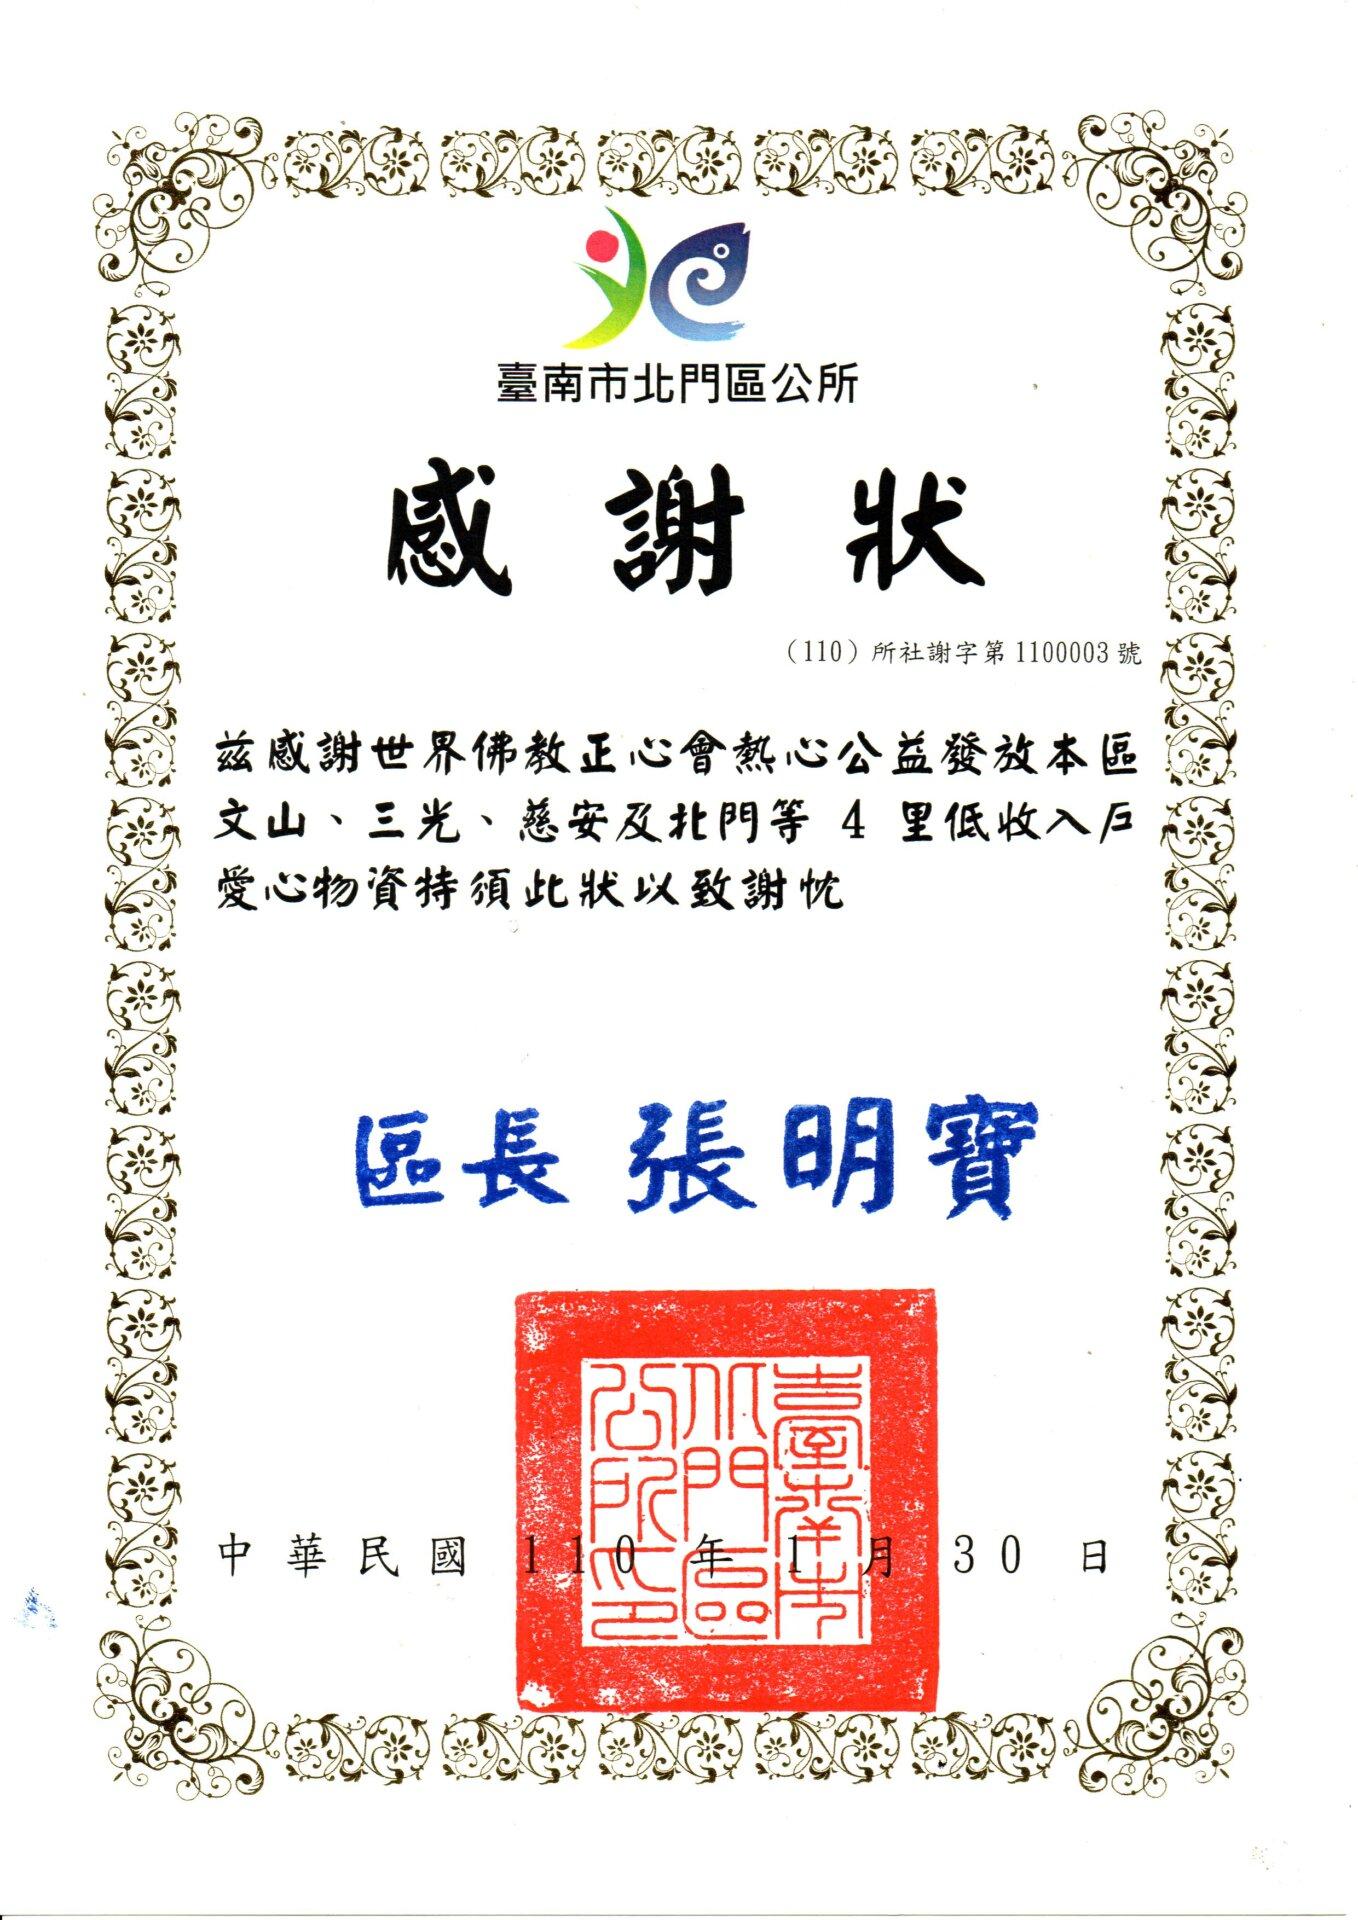 2021-0130台南北門區公所